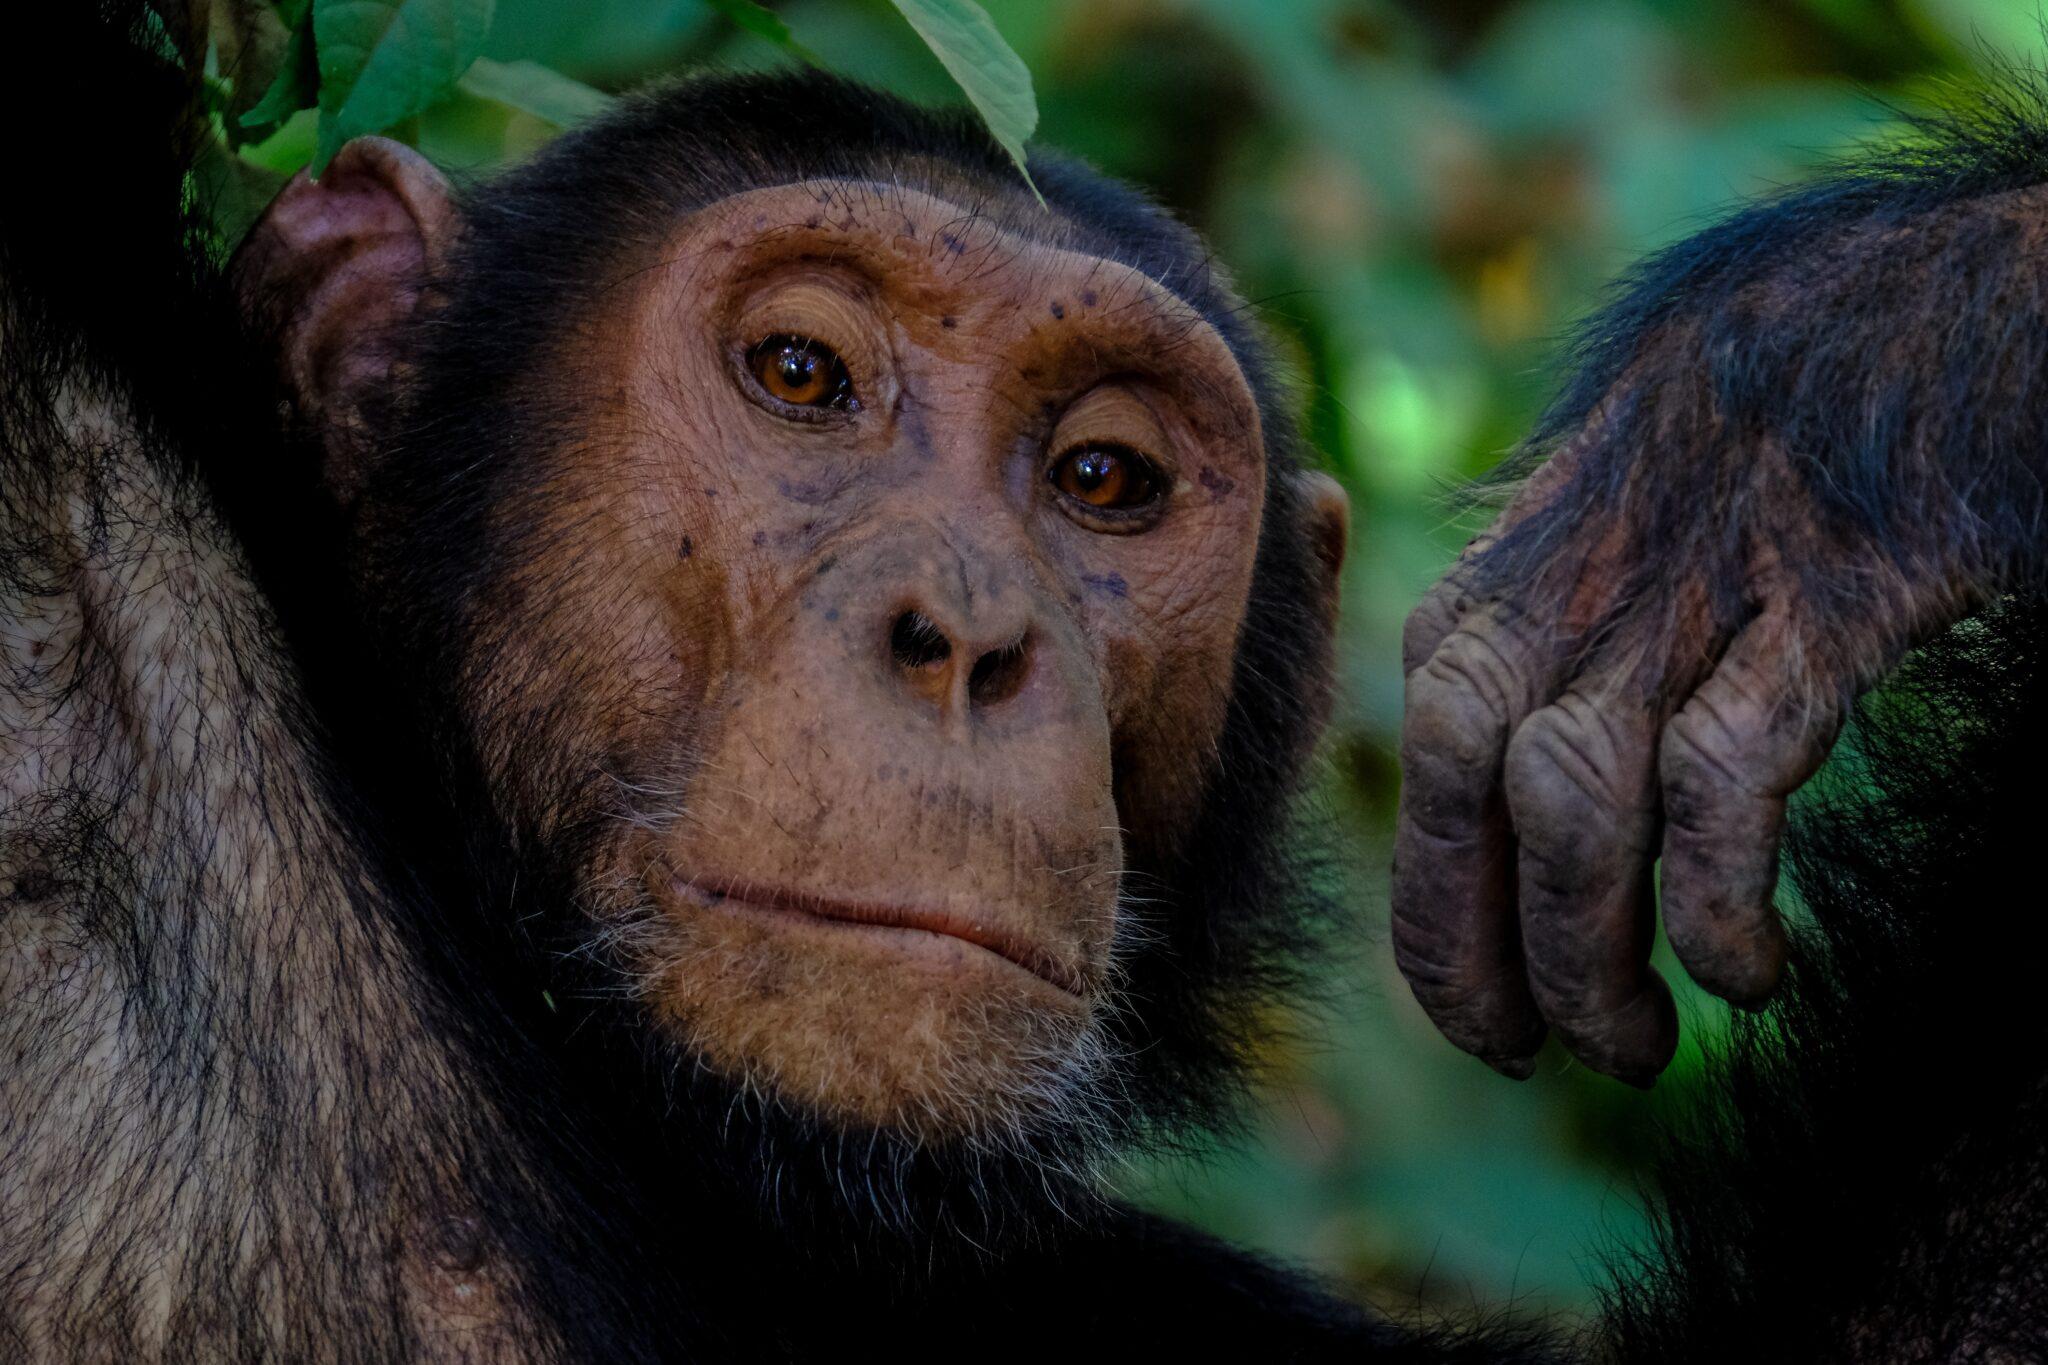 Schimpanse schaut herausfordernd und ernst in die Kamera